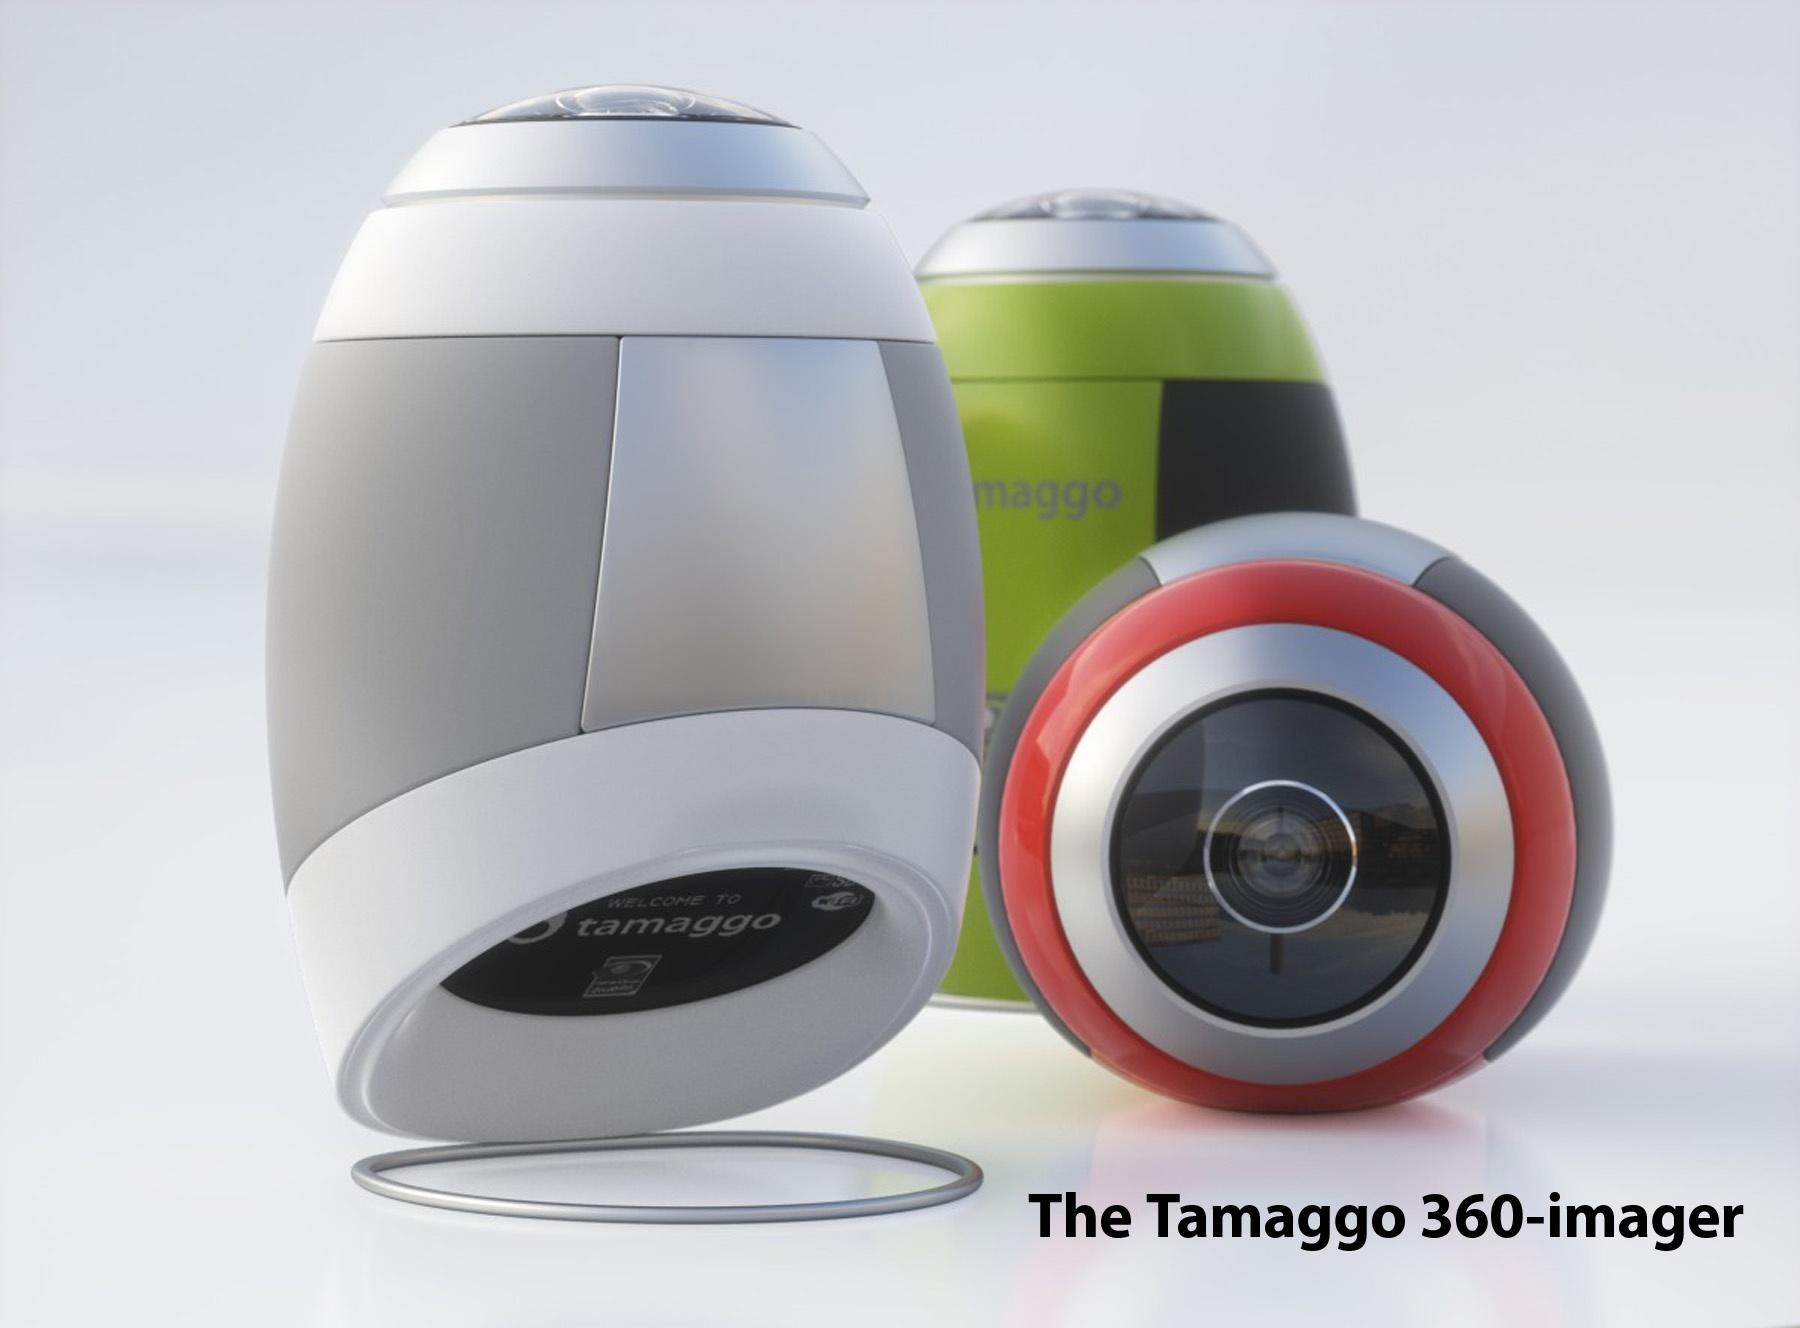 Tamaggo360imager